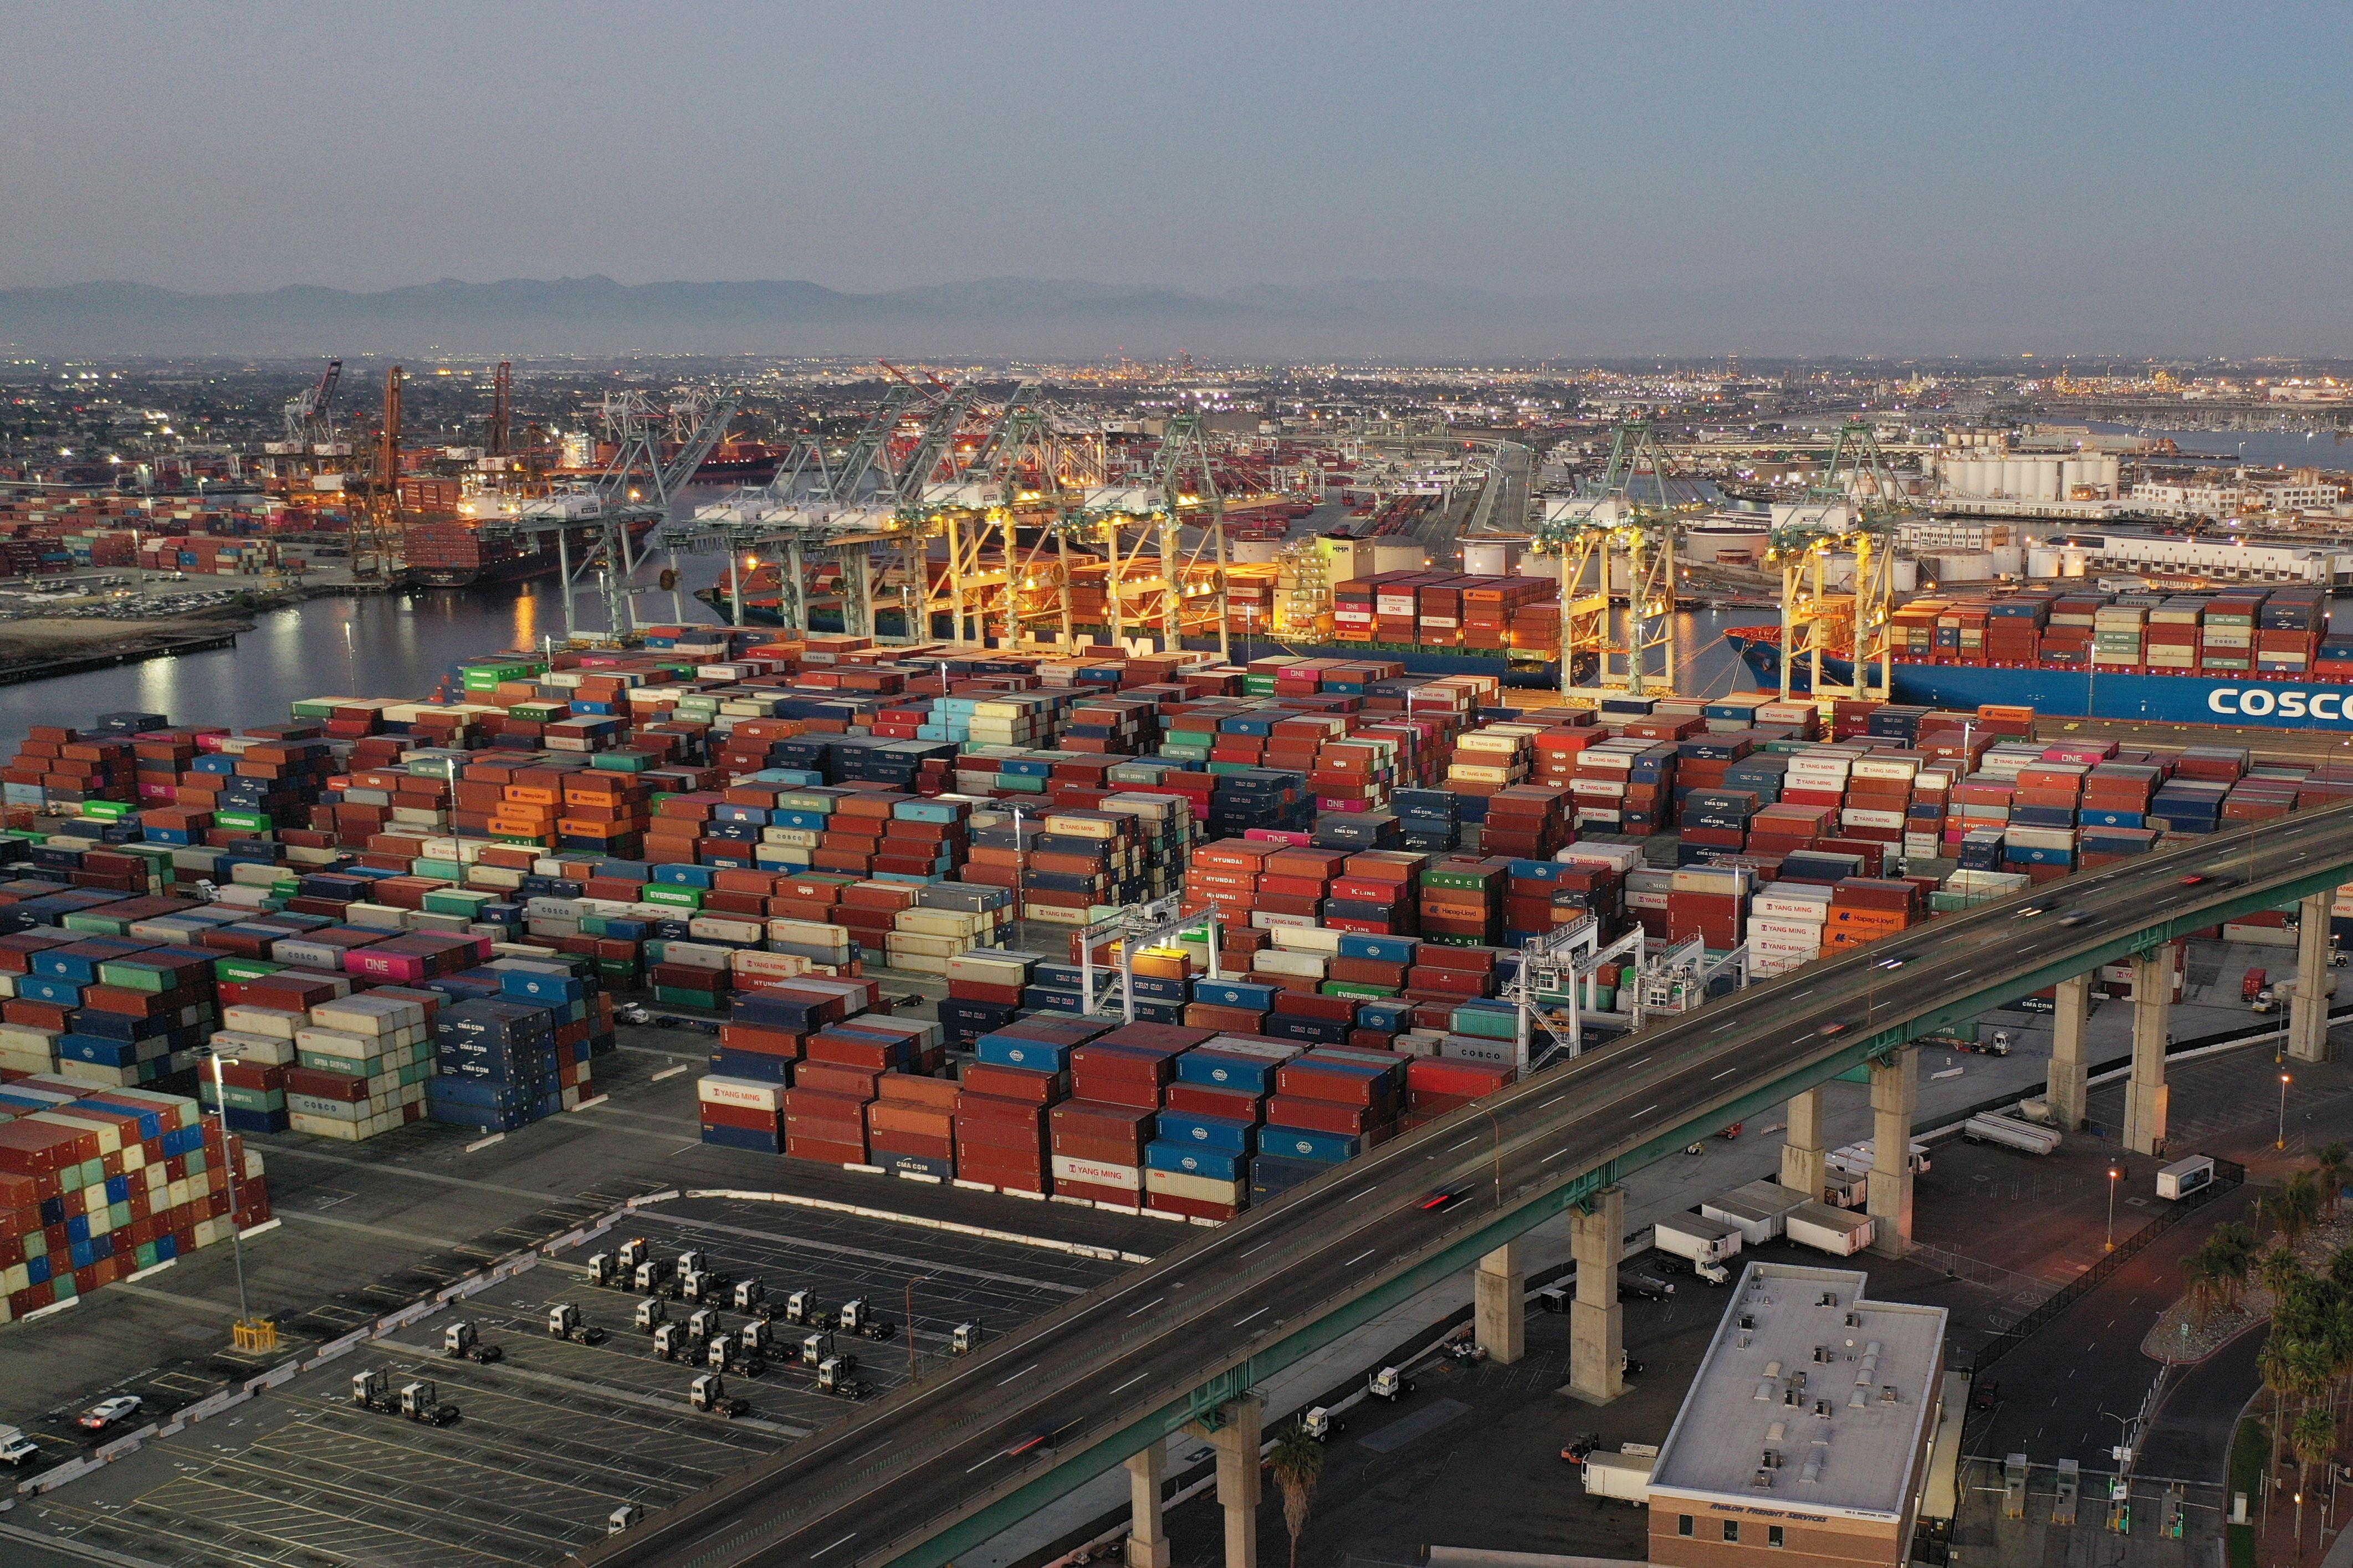 加州港口集裝箱棄社區 警方開逾400張罰單